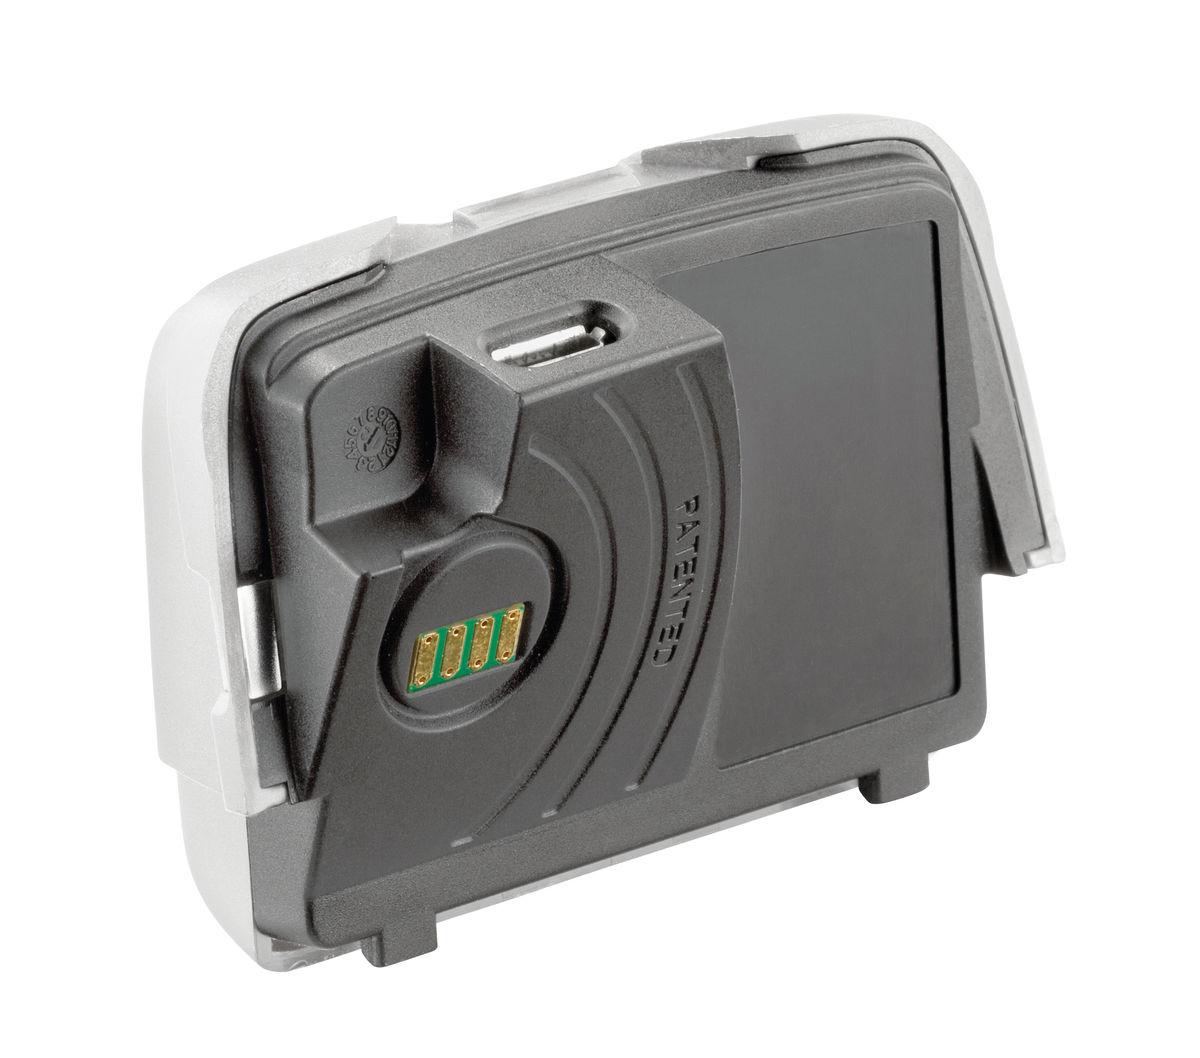 Petzl Accu Reactik / Reactik compatible Tikka R+ / Tikka RXP - Akkubatterien